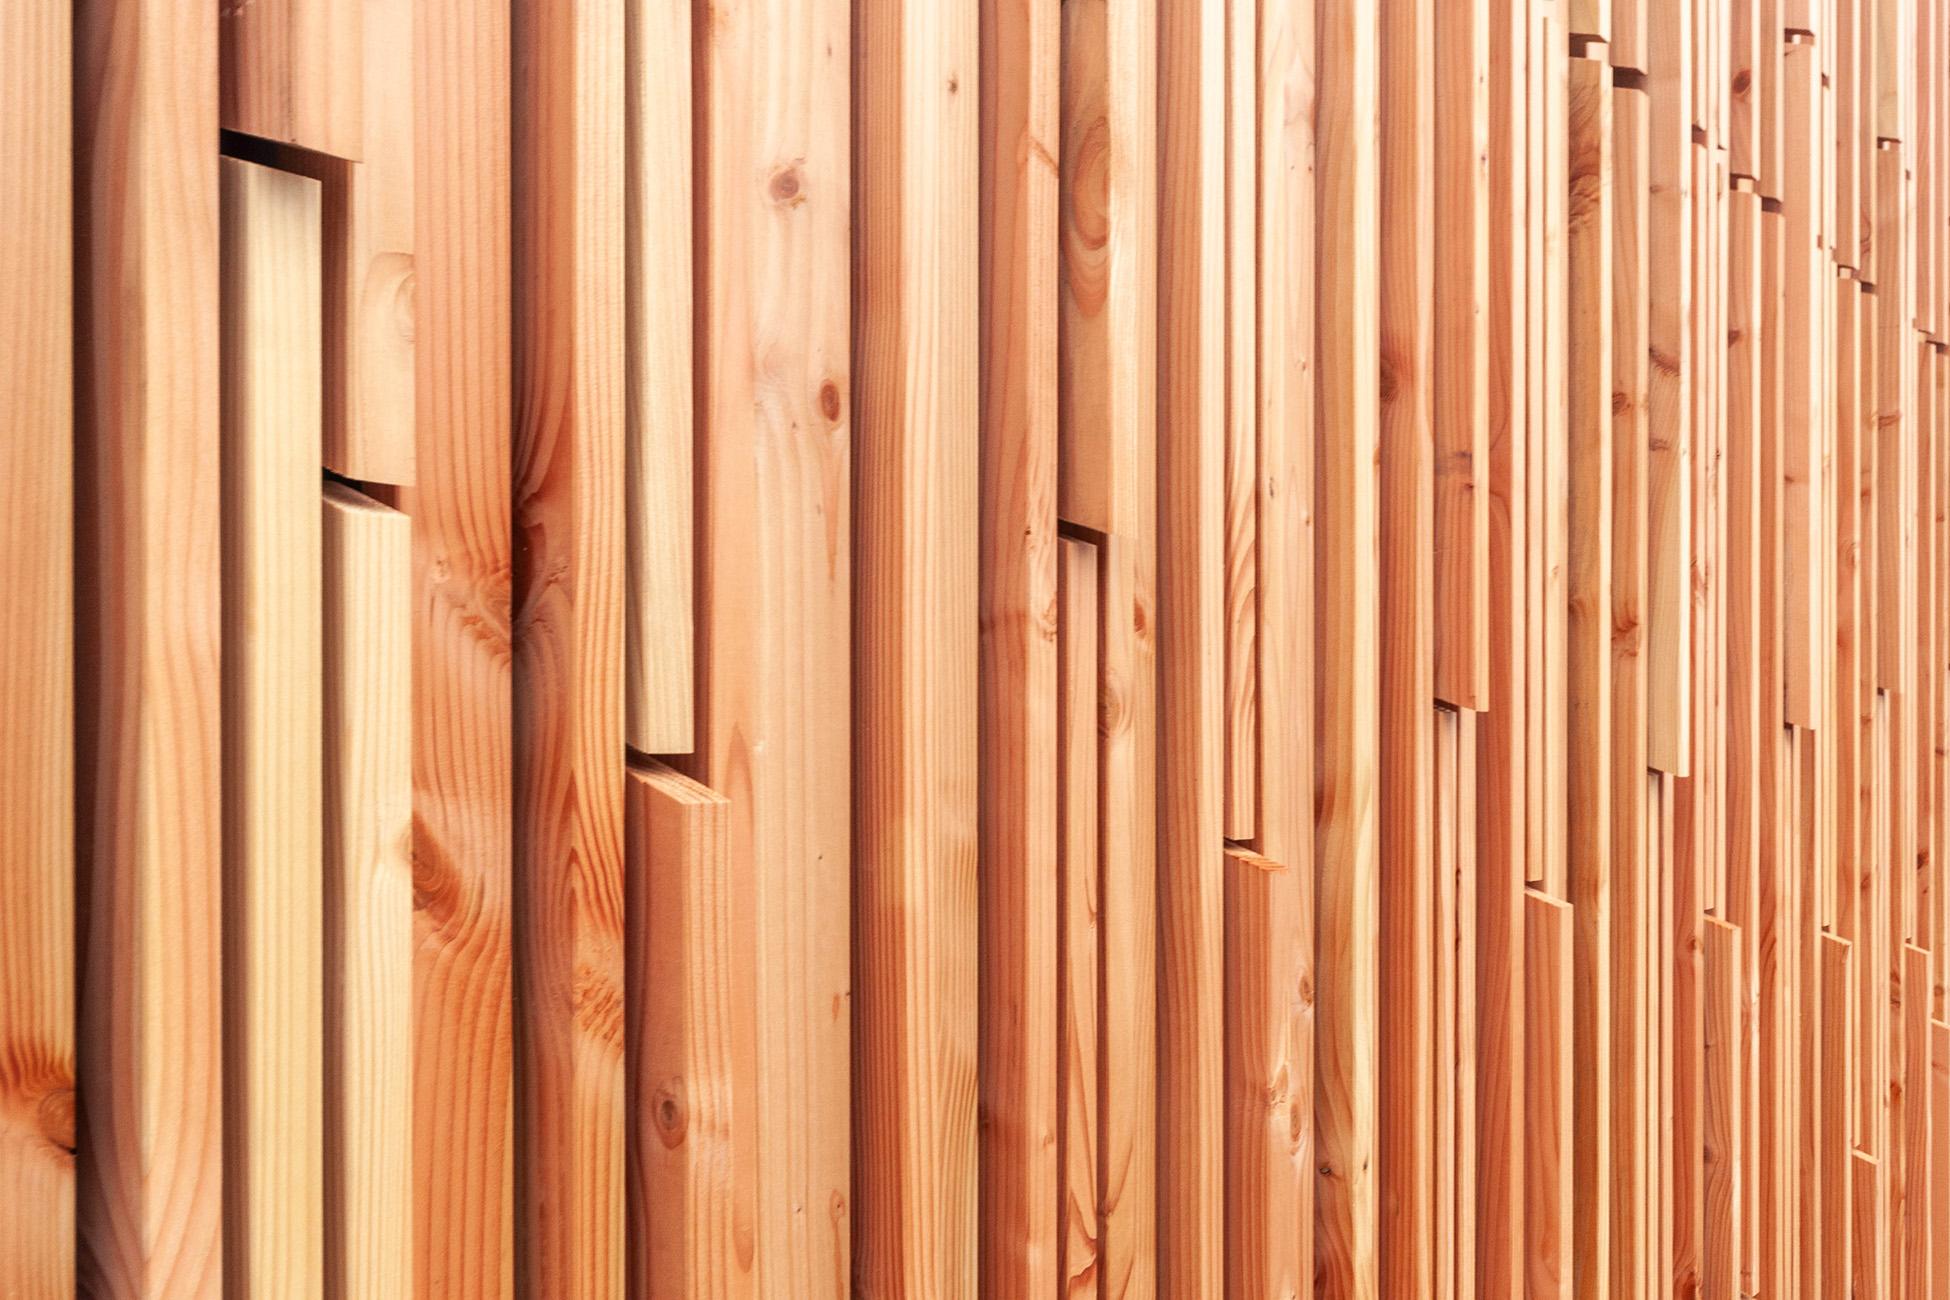 Fassade in Naturholzfarbe, mehrschichtig und parametrisch